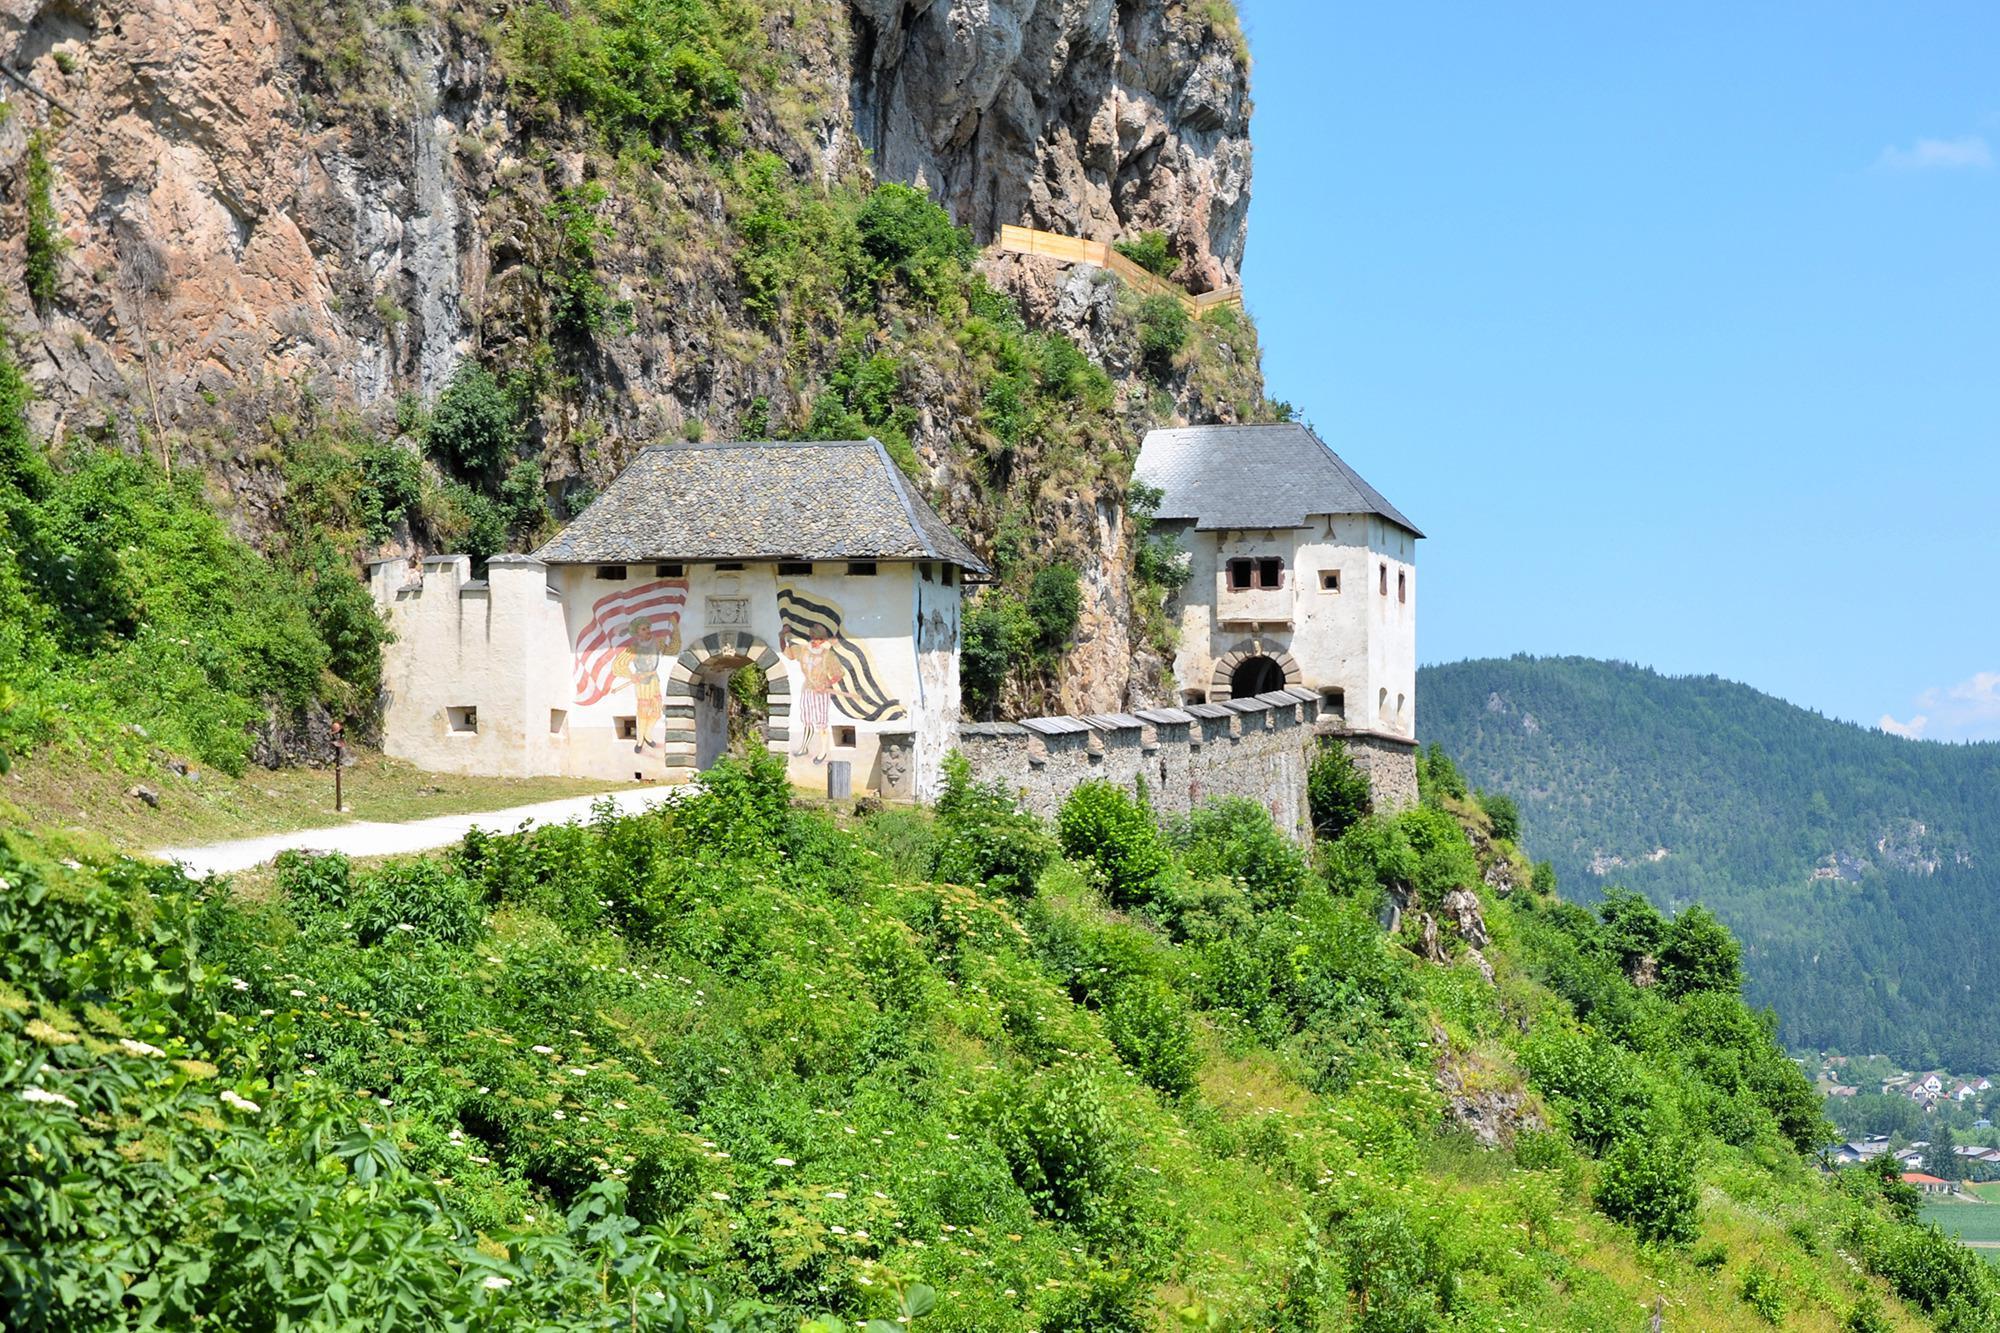 Hochosterwitz Castle, Hochosterwitz, Austria